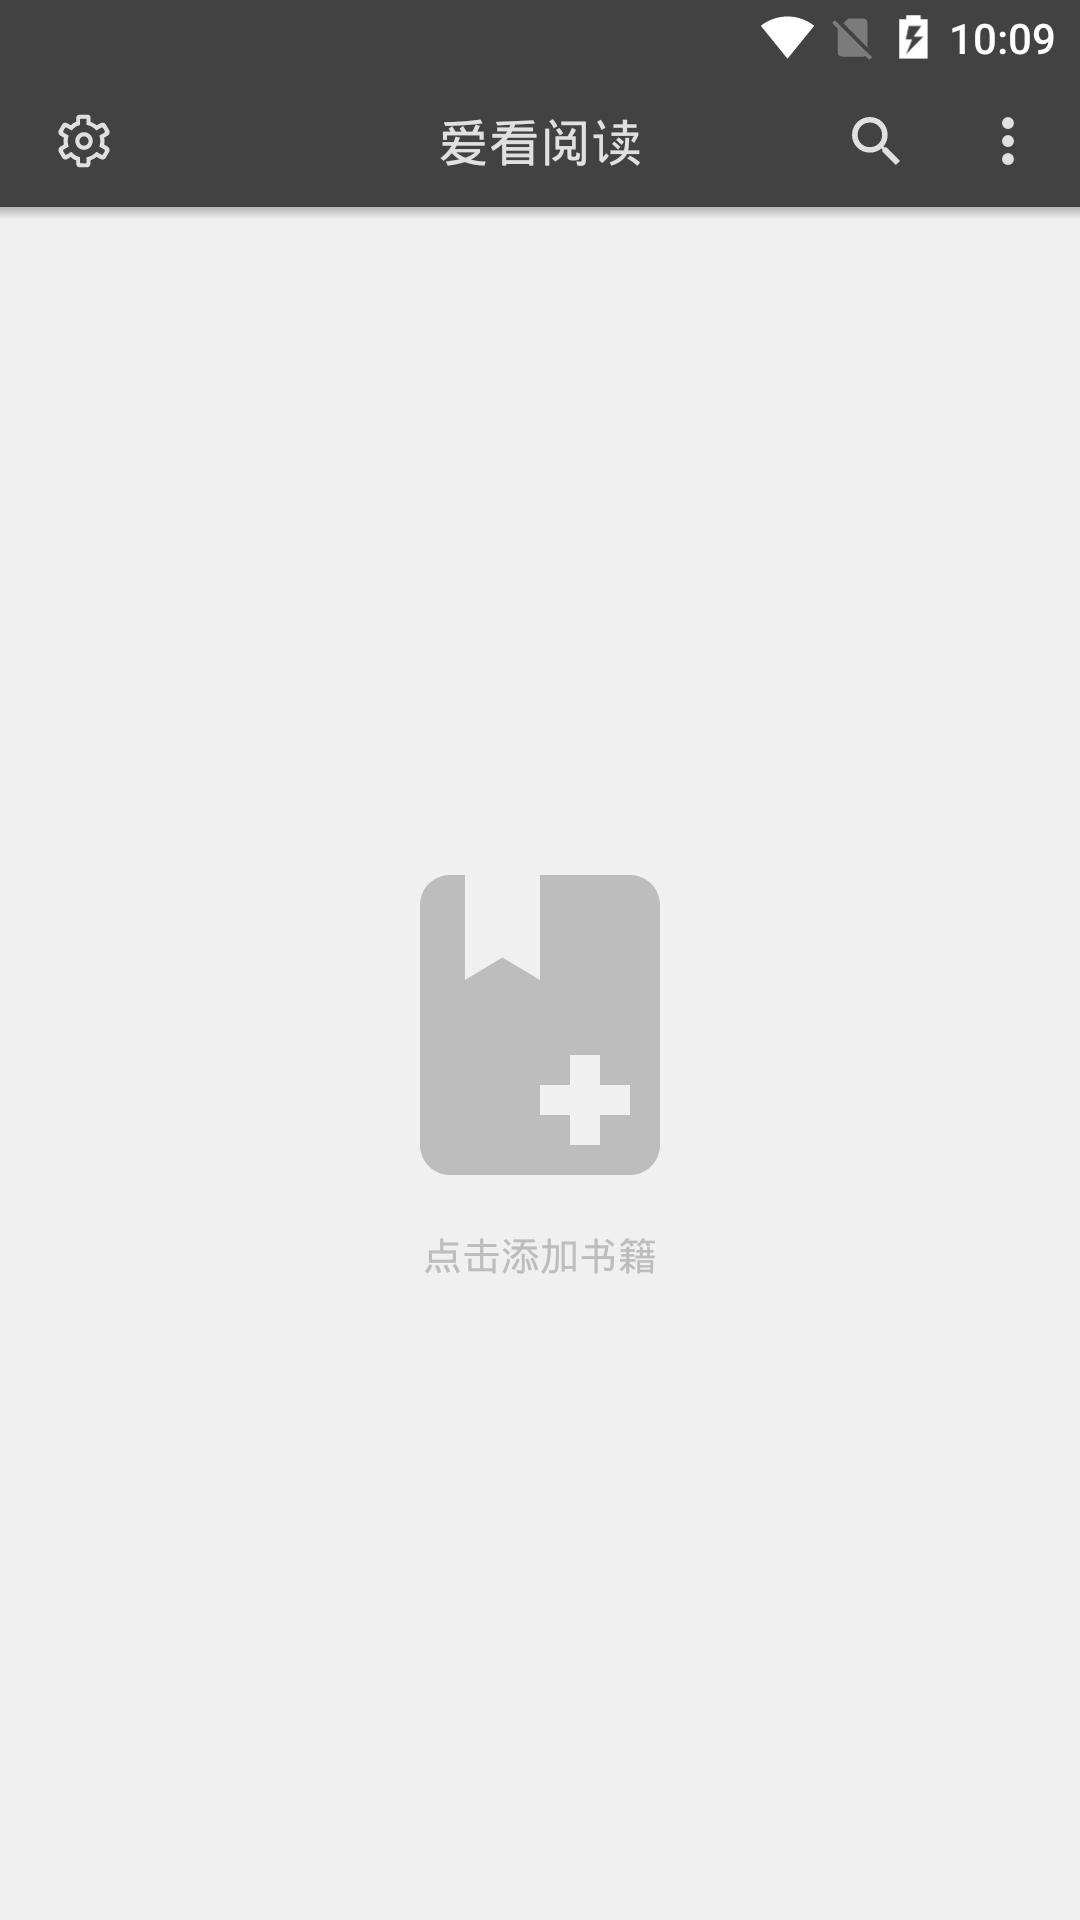 小说神器超多书源 爱看阅读v0.1.0.66